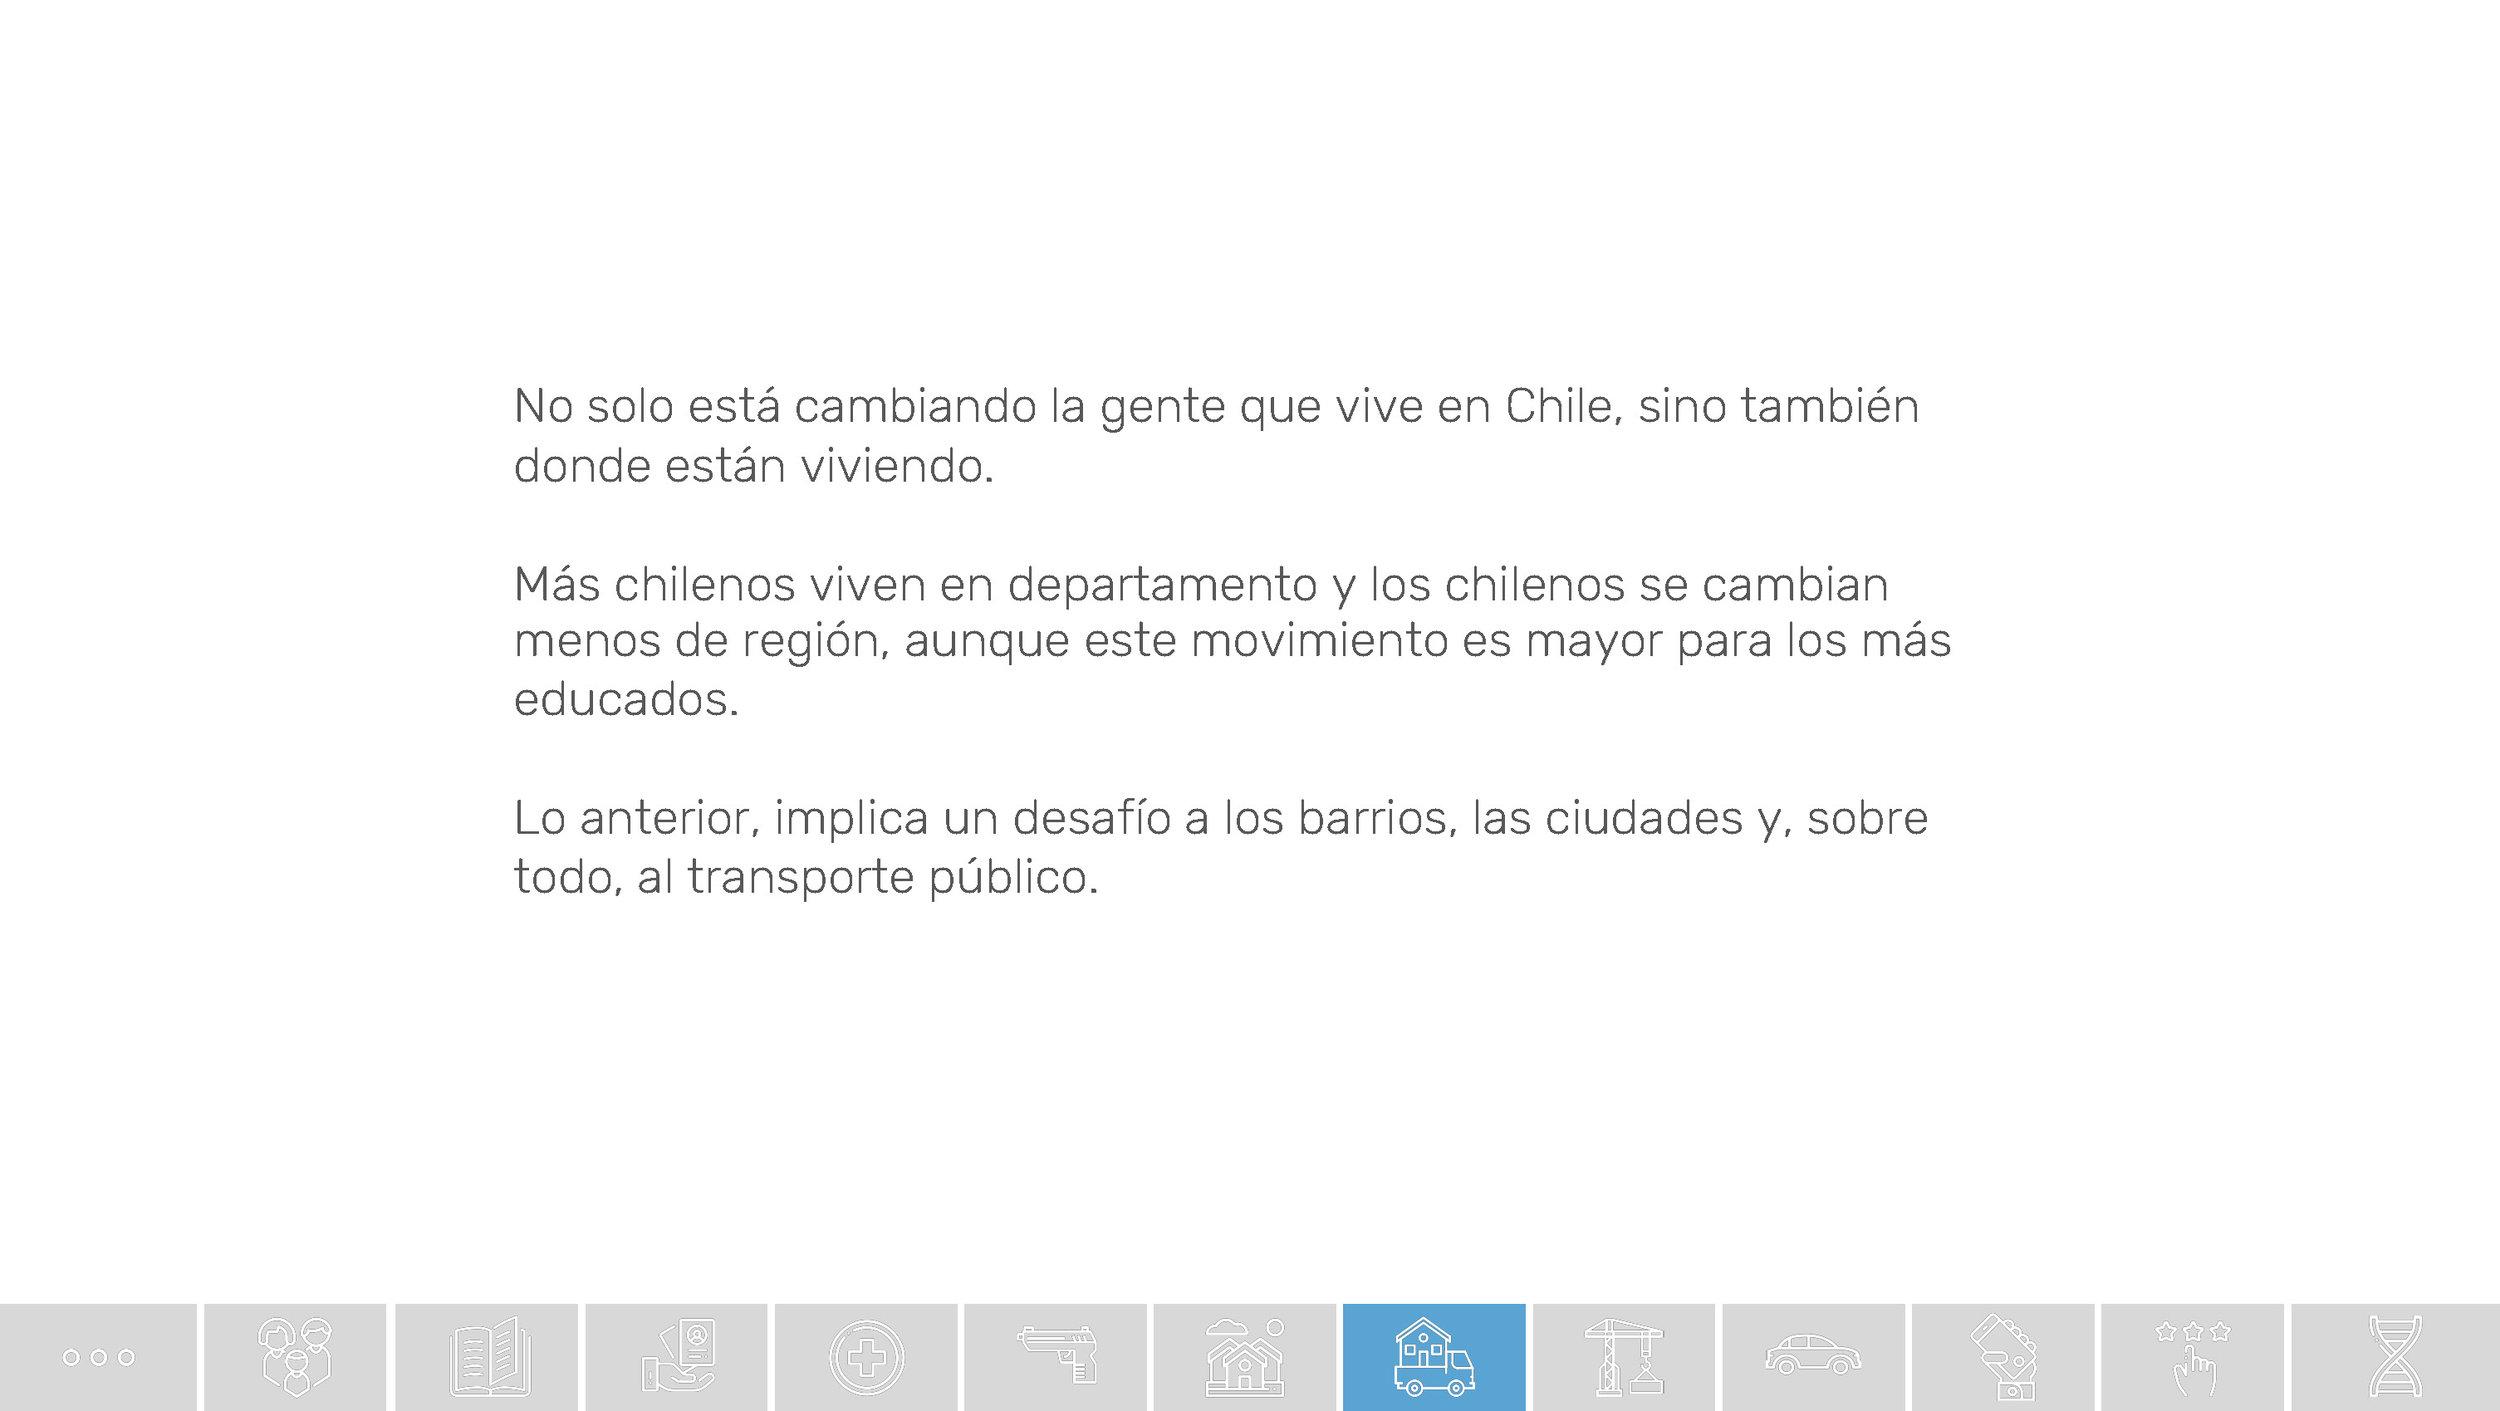 Chile_Datos de una transformacion social_Unholster_Página_54.jpg